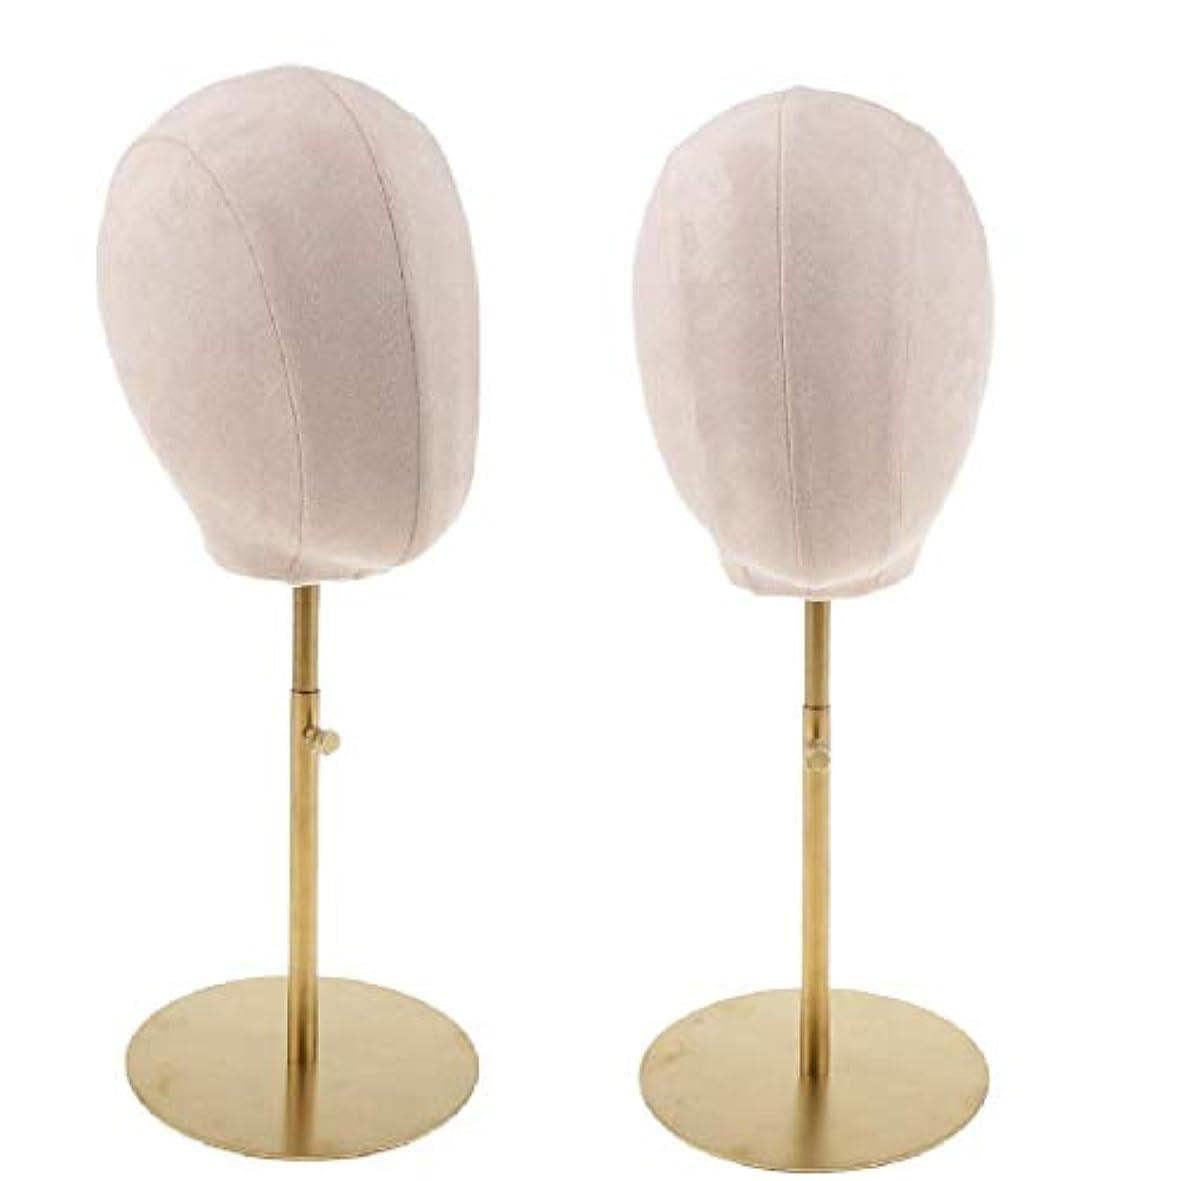 受け入れ貨物インクSM SunniMix マネキンヘッド ディスプレイ 頭部モデル コルク 帽子ラック ウィッグスタンド ハットホルダー